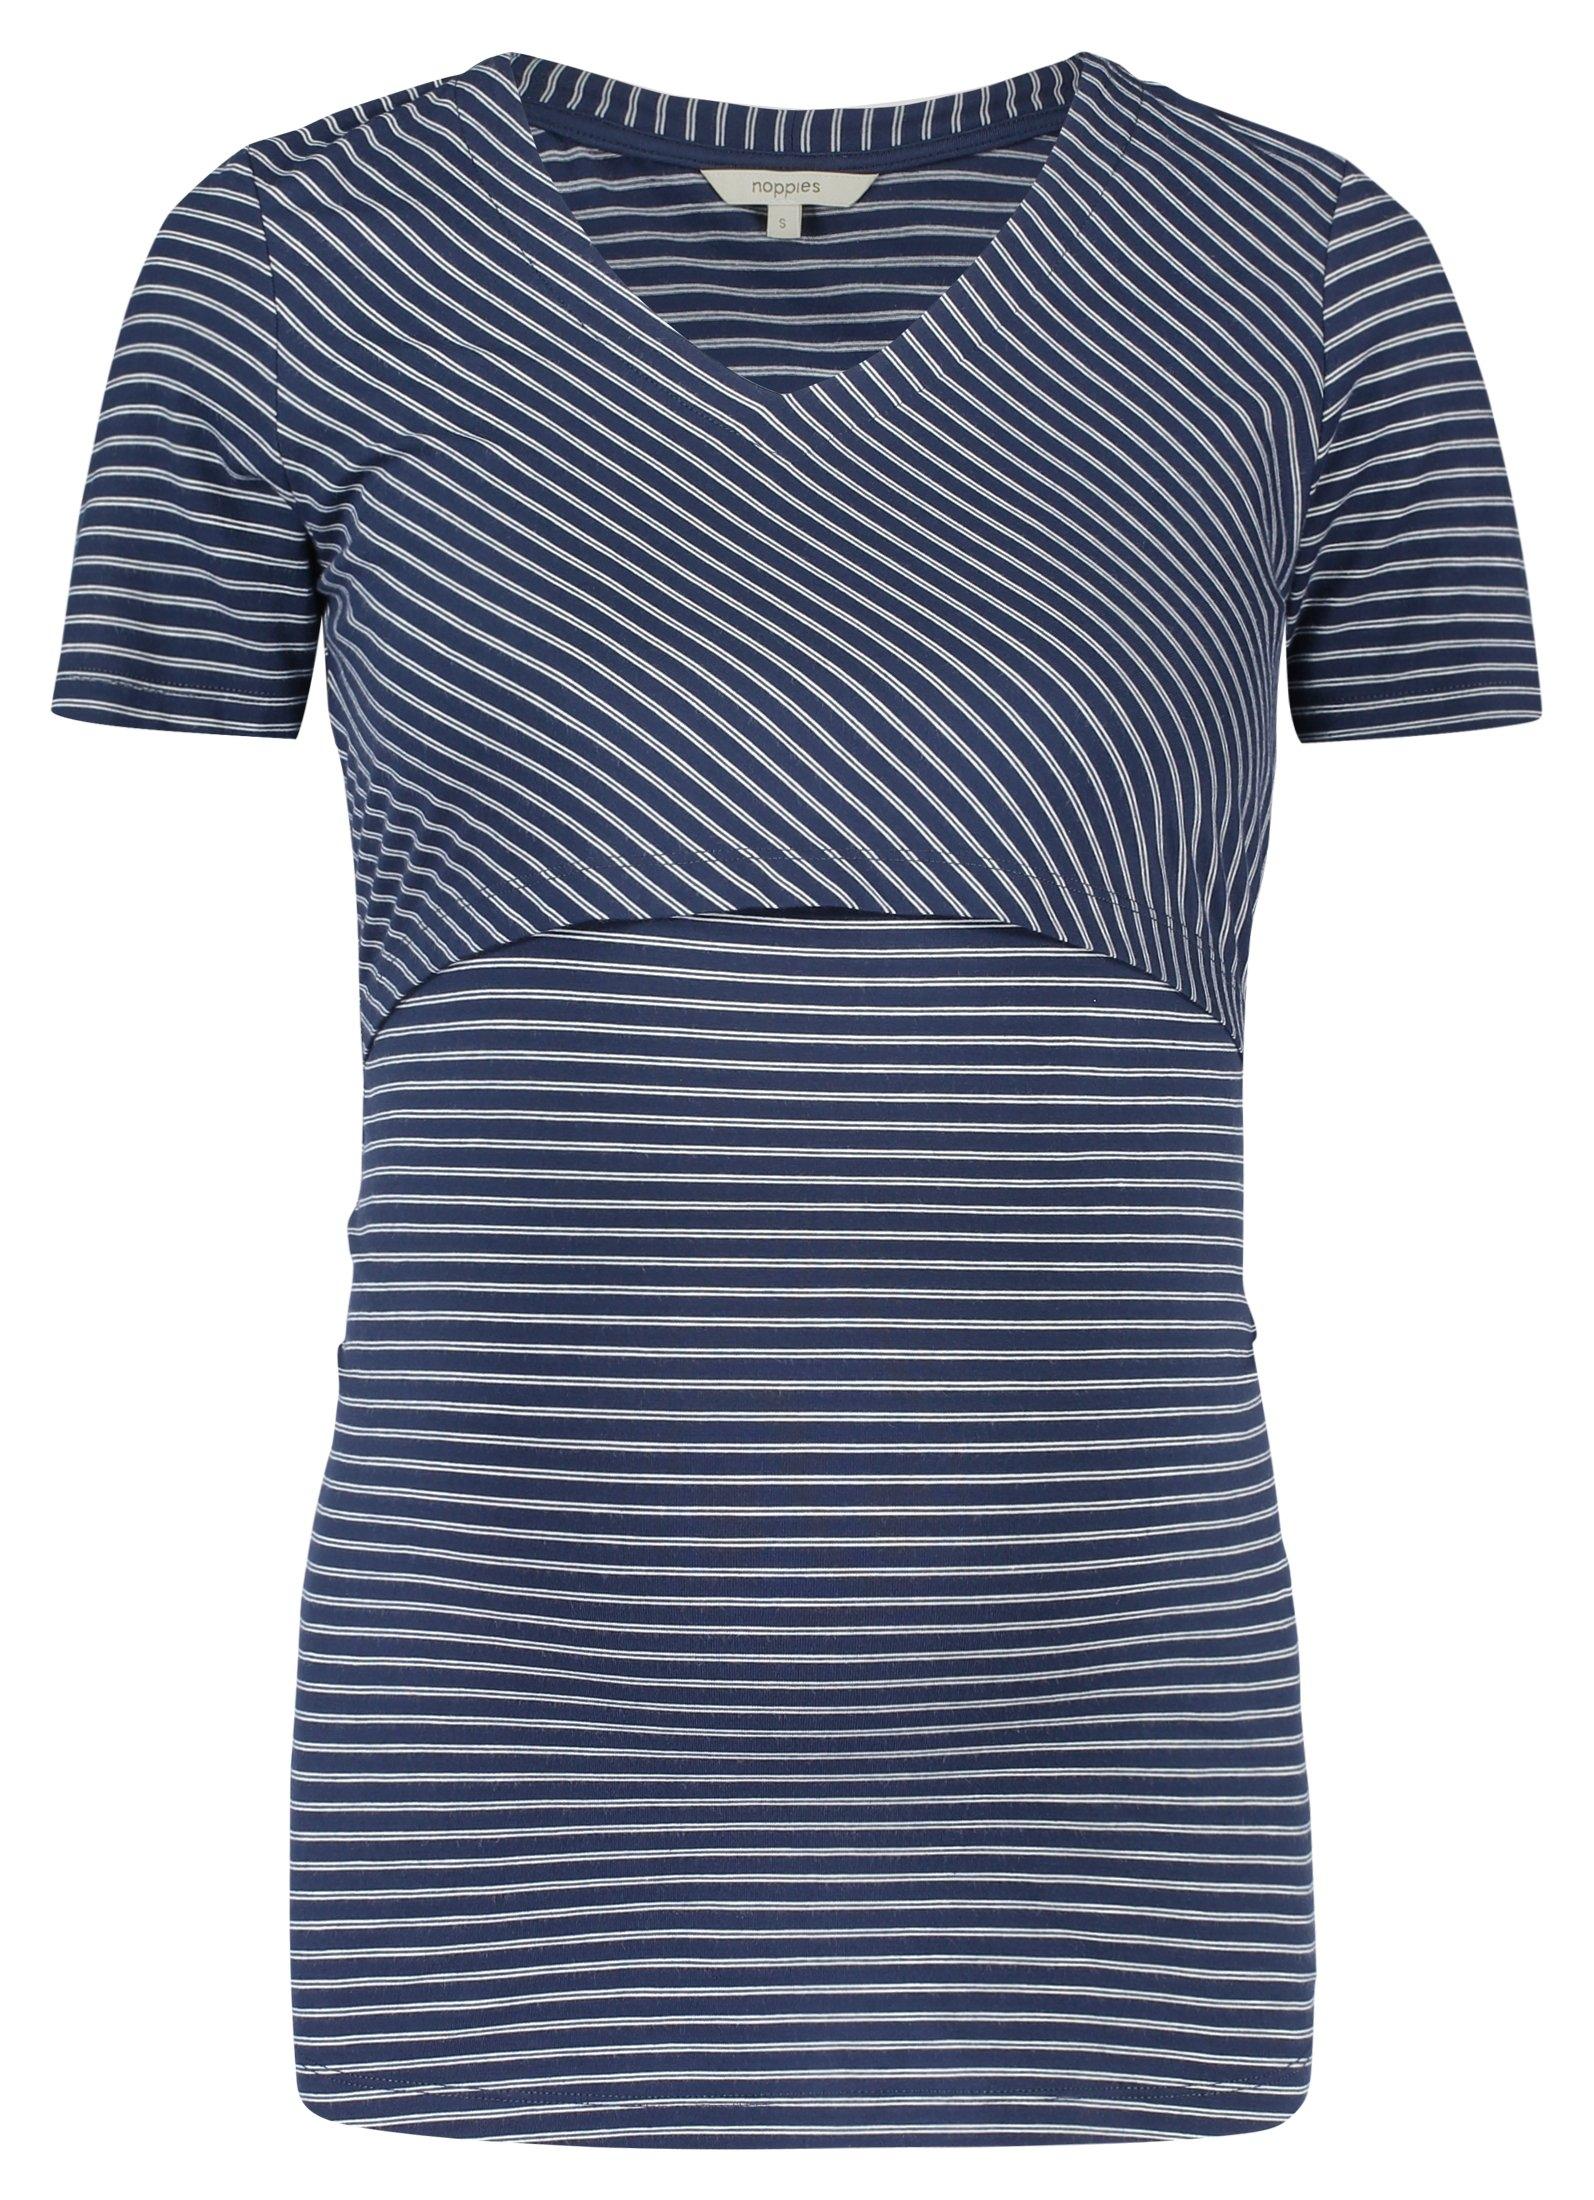 Noppies Voedings t-shirt »Nia« bij OTTO online kopen